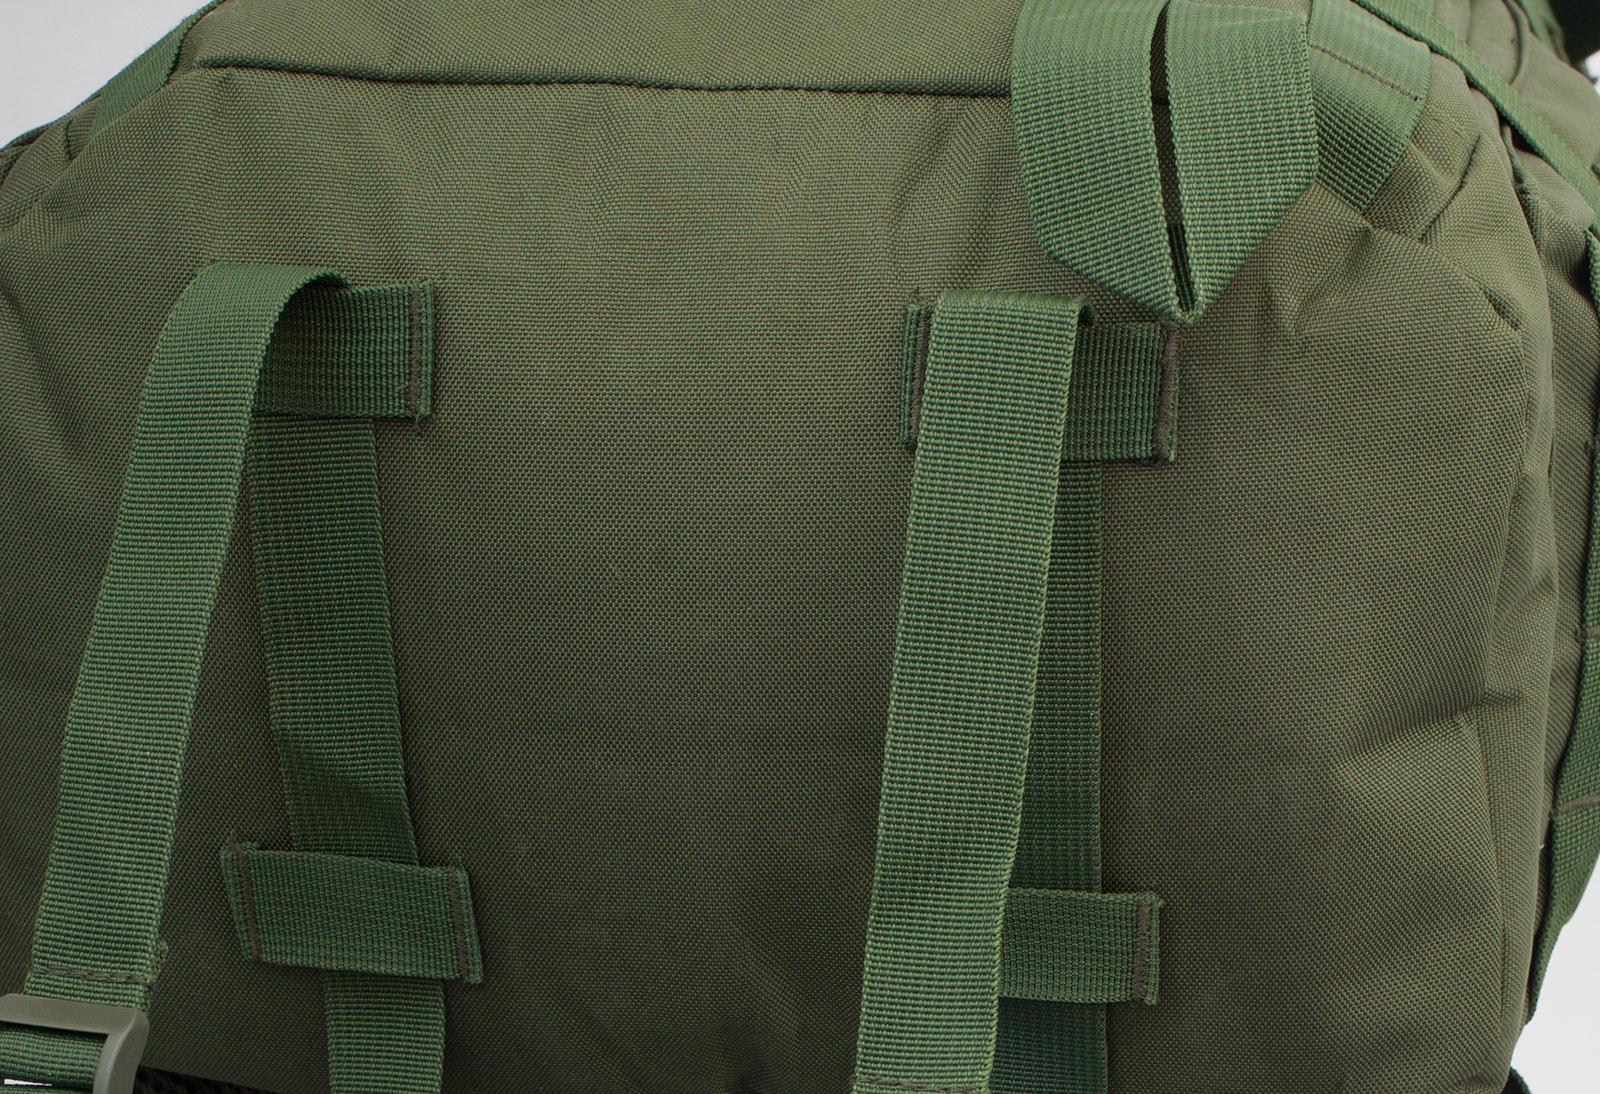 Функциональный армейский рюкзак СПЕЦНАЗ - купить в розницу